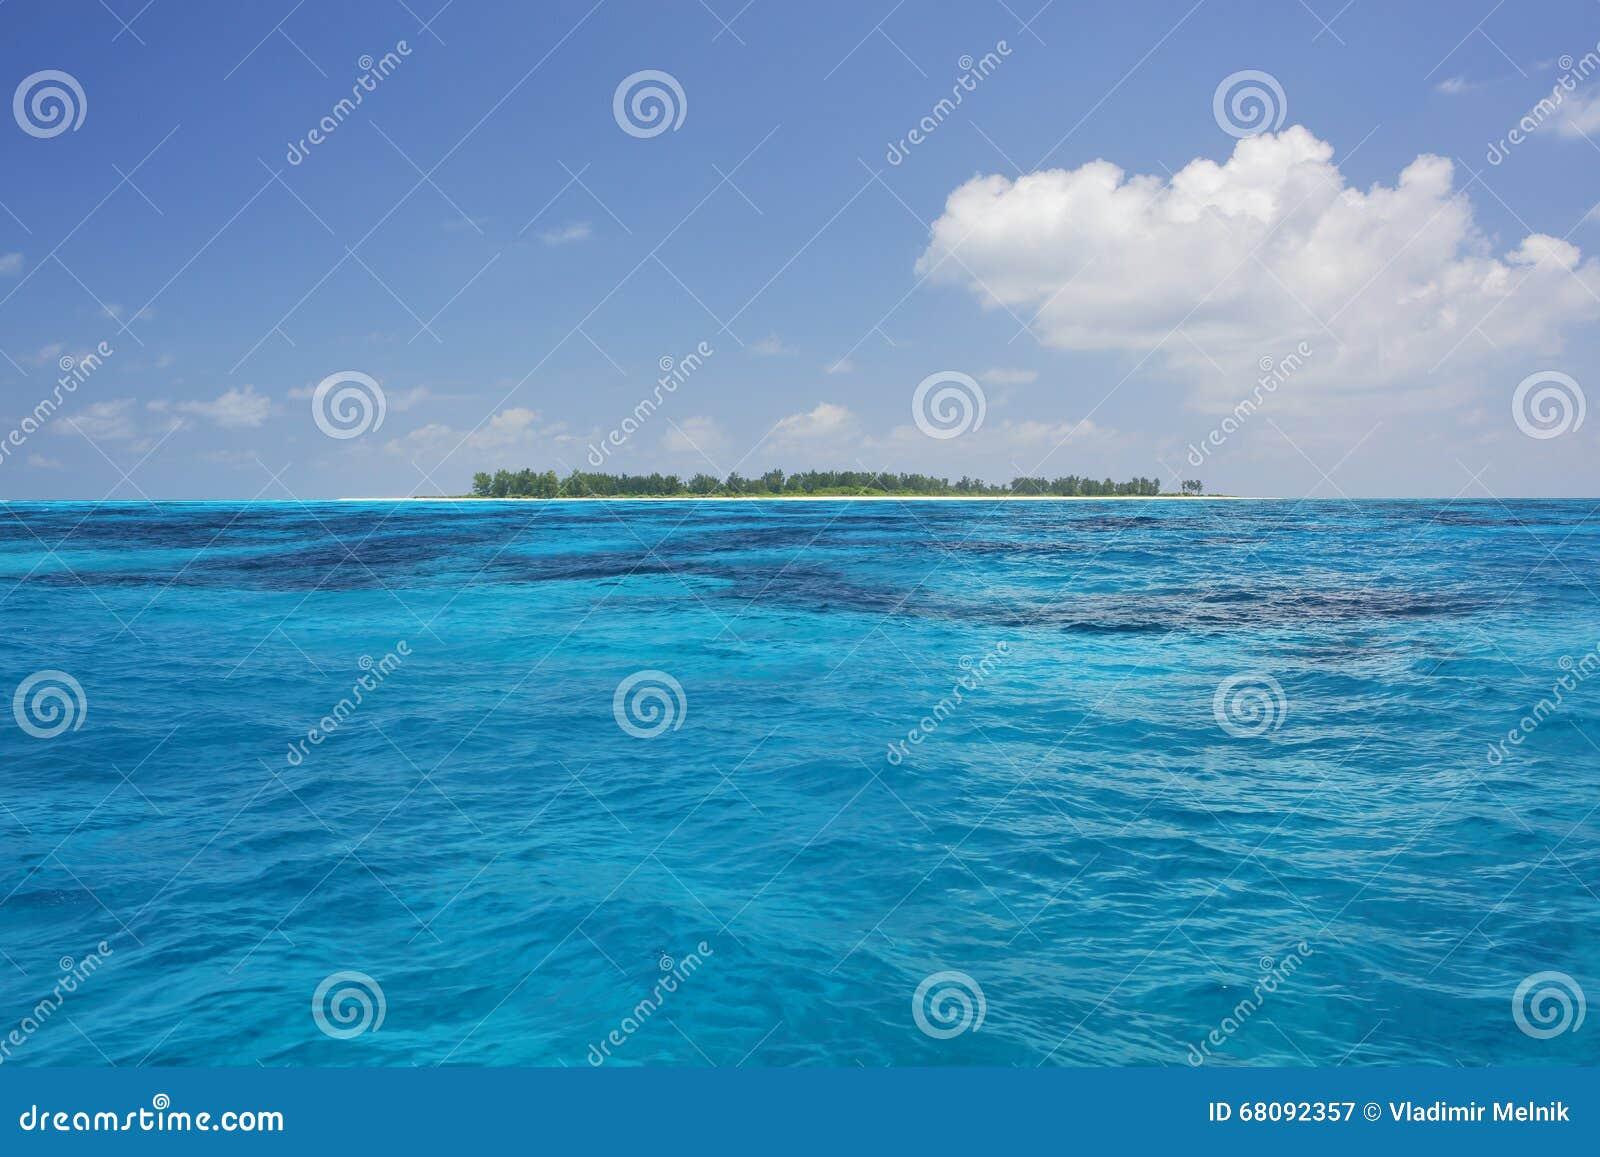 伯德岛,塞舌尔群岛